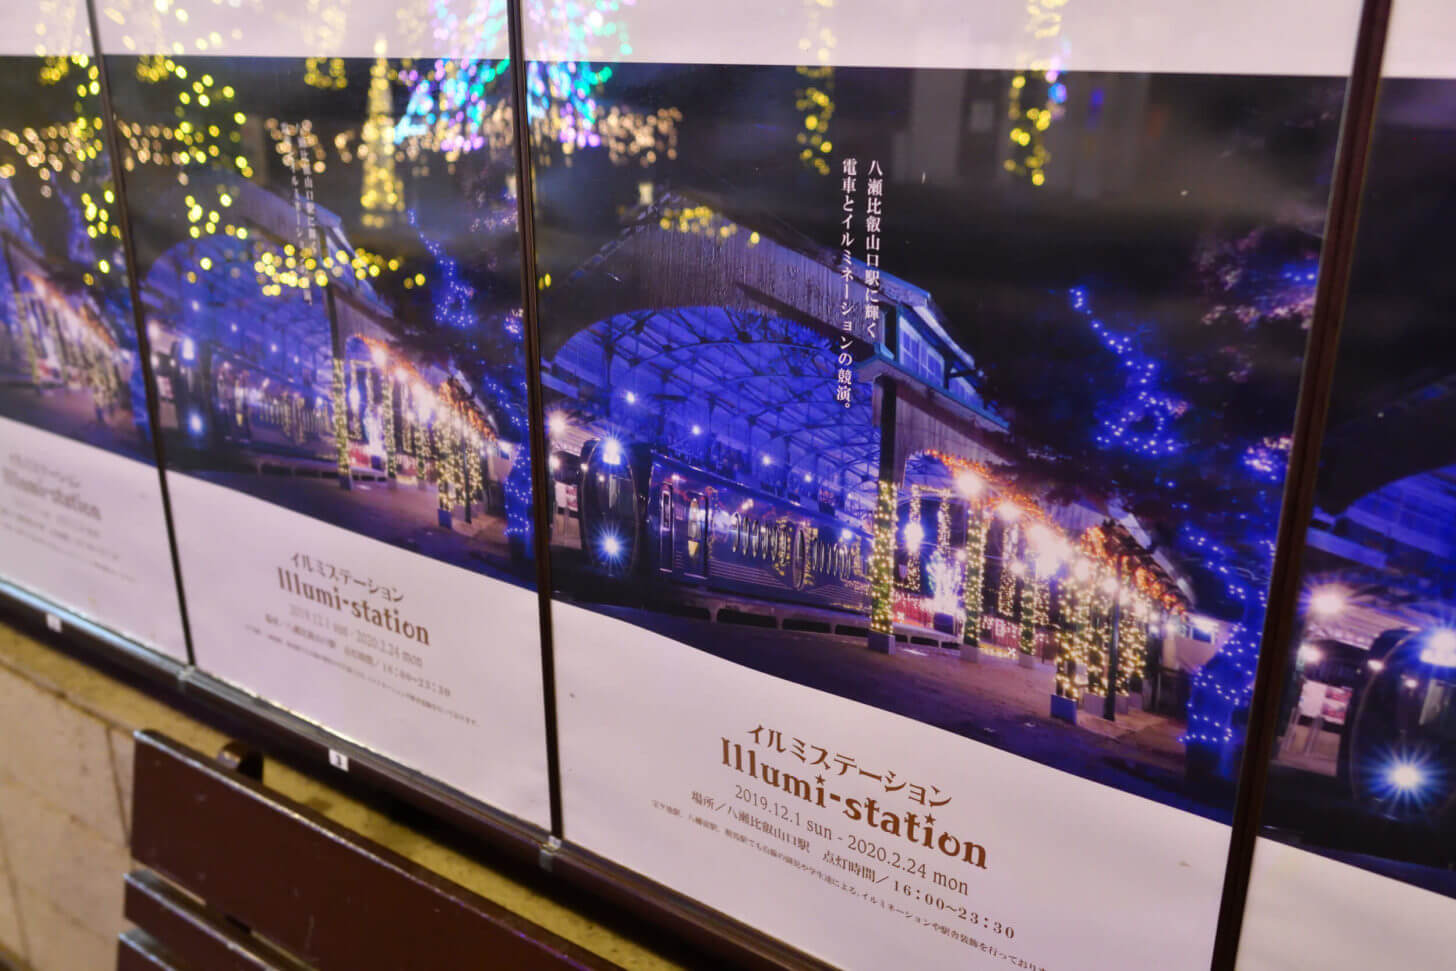 叡電八瀬比叡山口駅・Illumi-station(イルミステーション)の告知ポスター